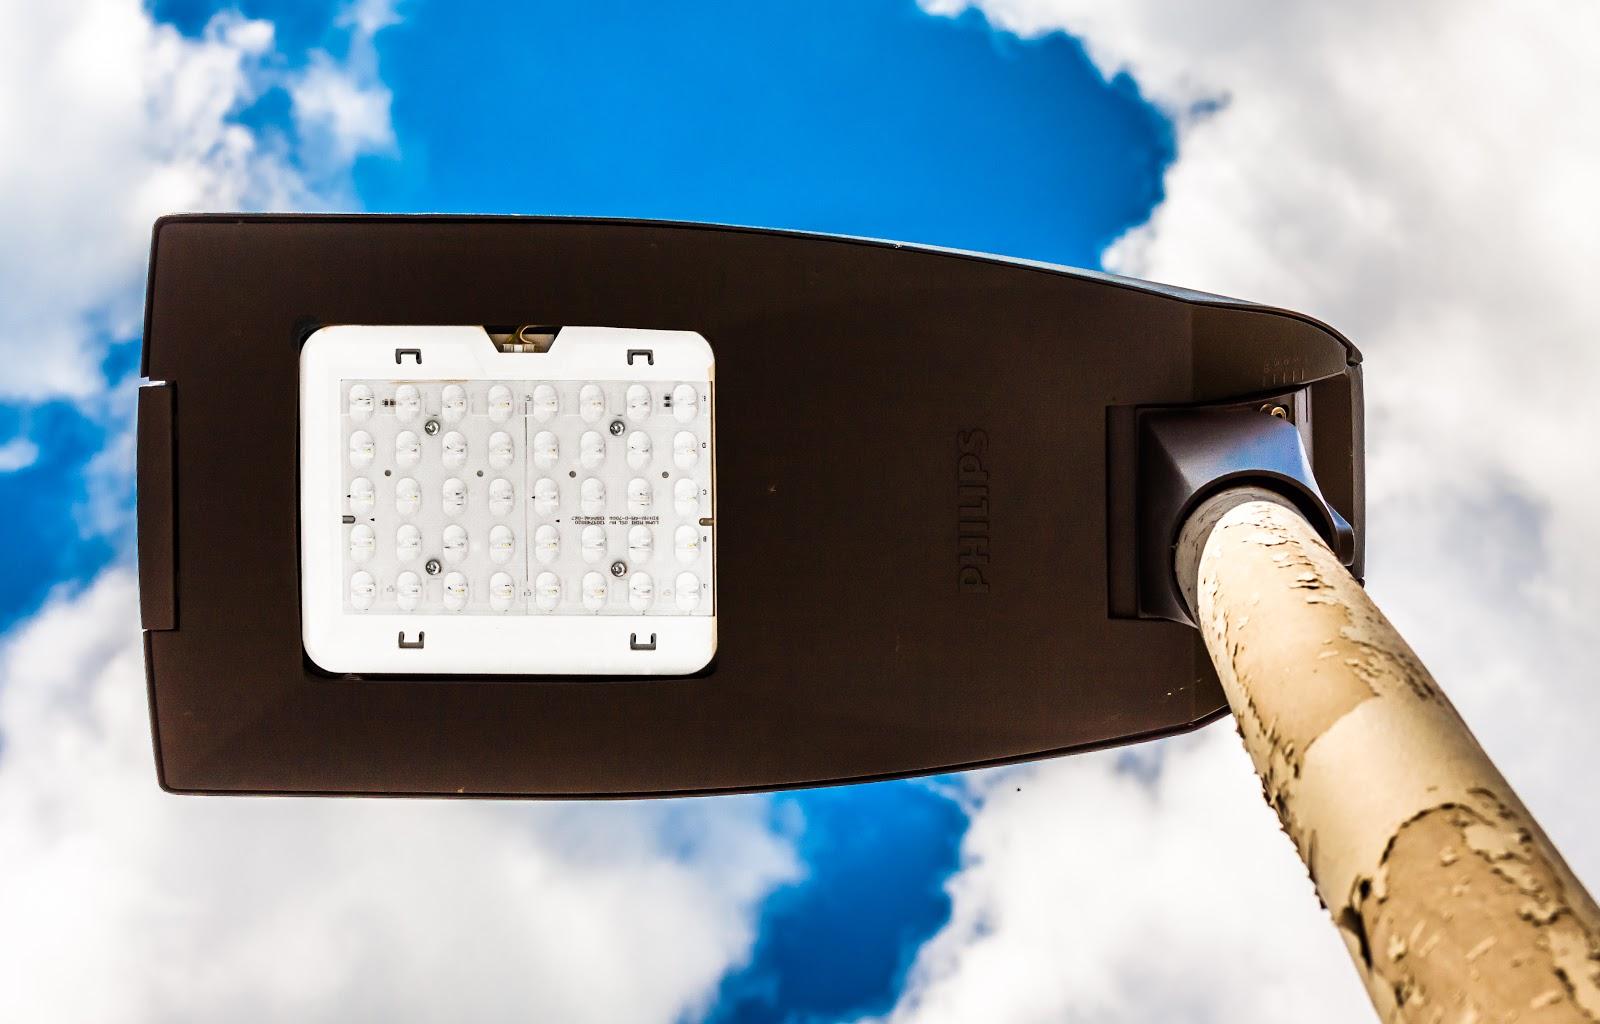 Led Licht Schoenen : Oberhausen ruhr centro metropole led macht den schönen